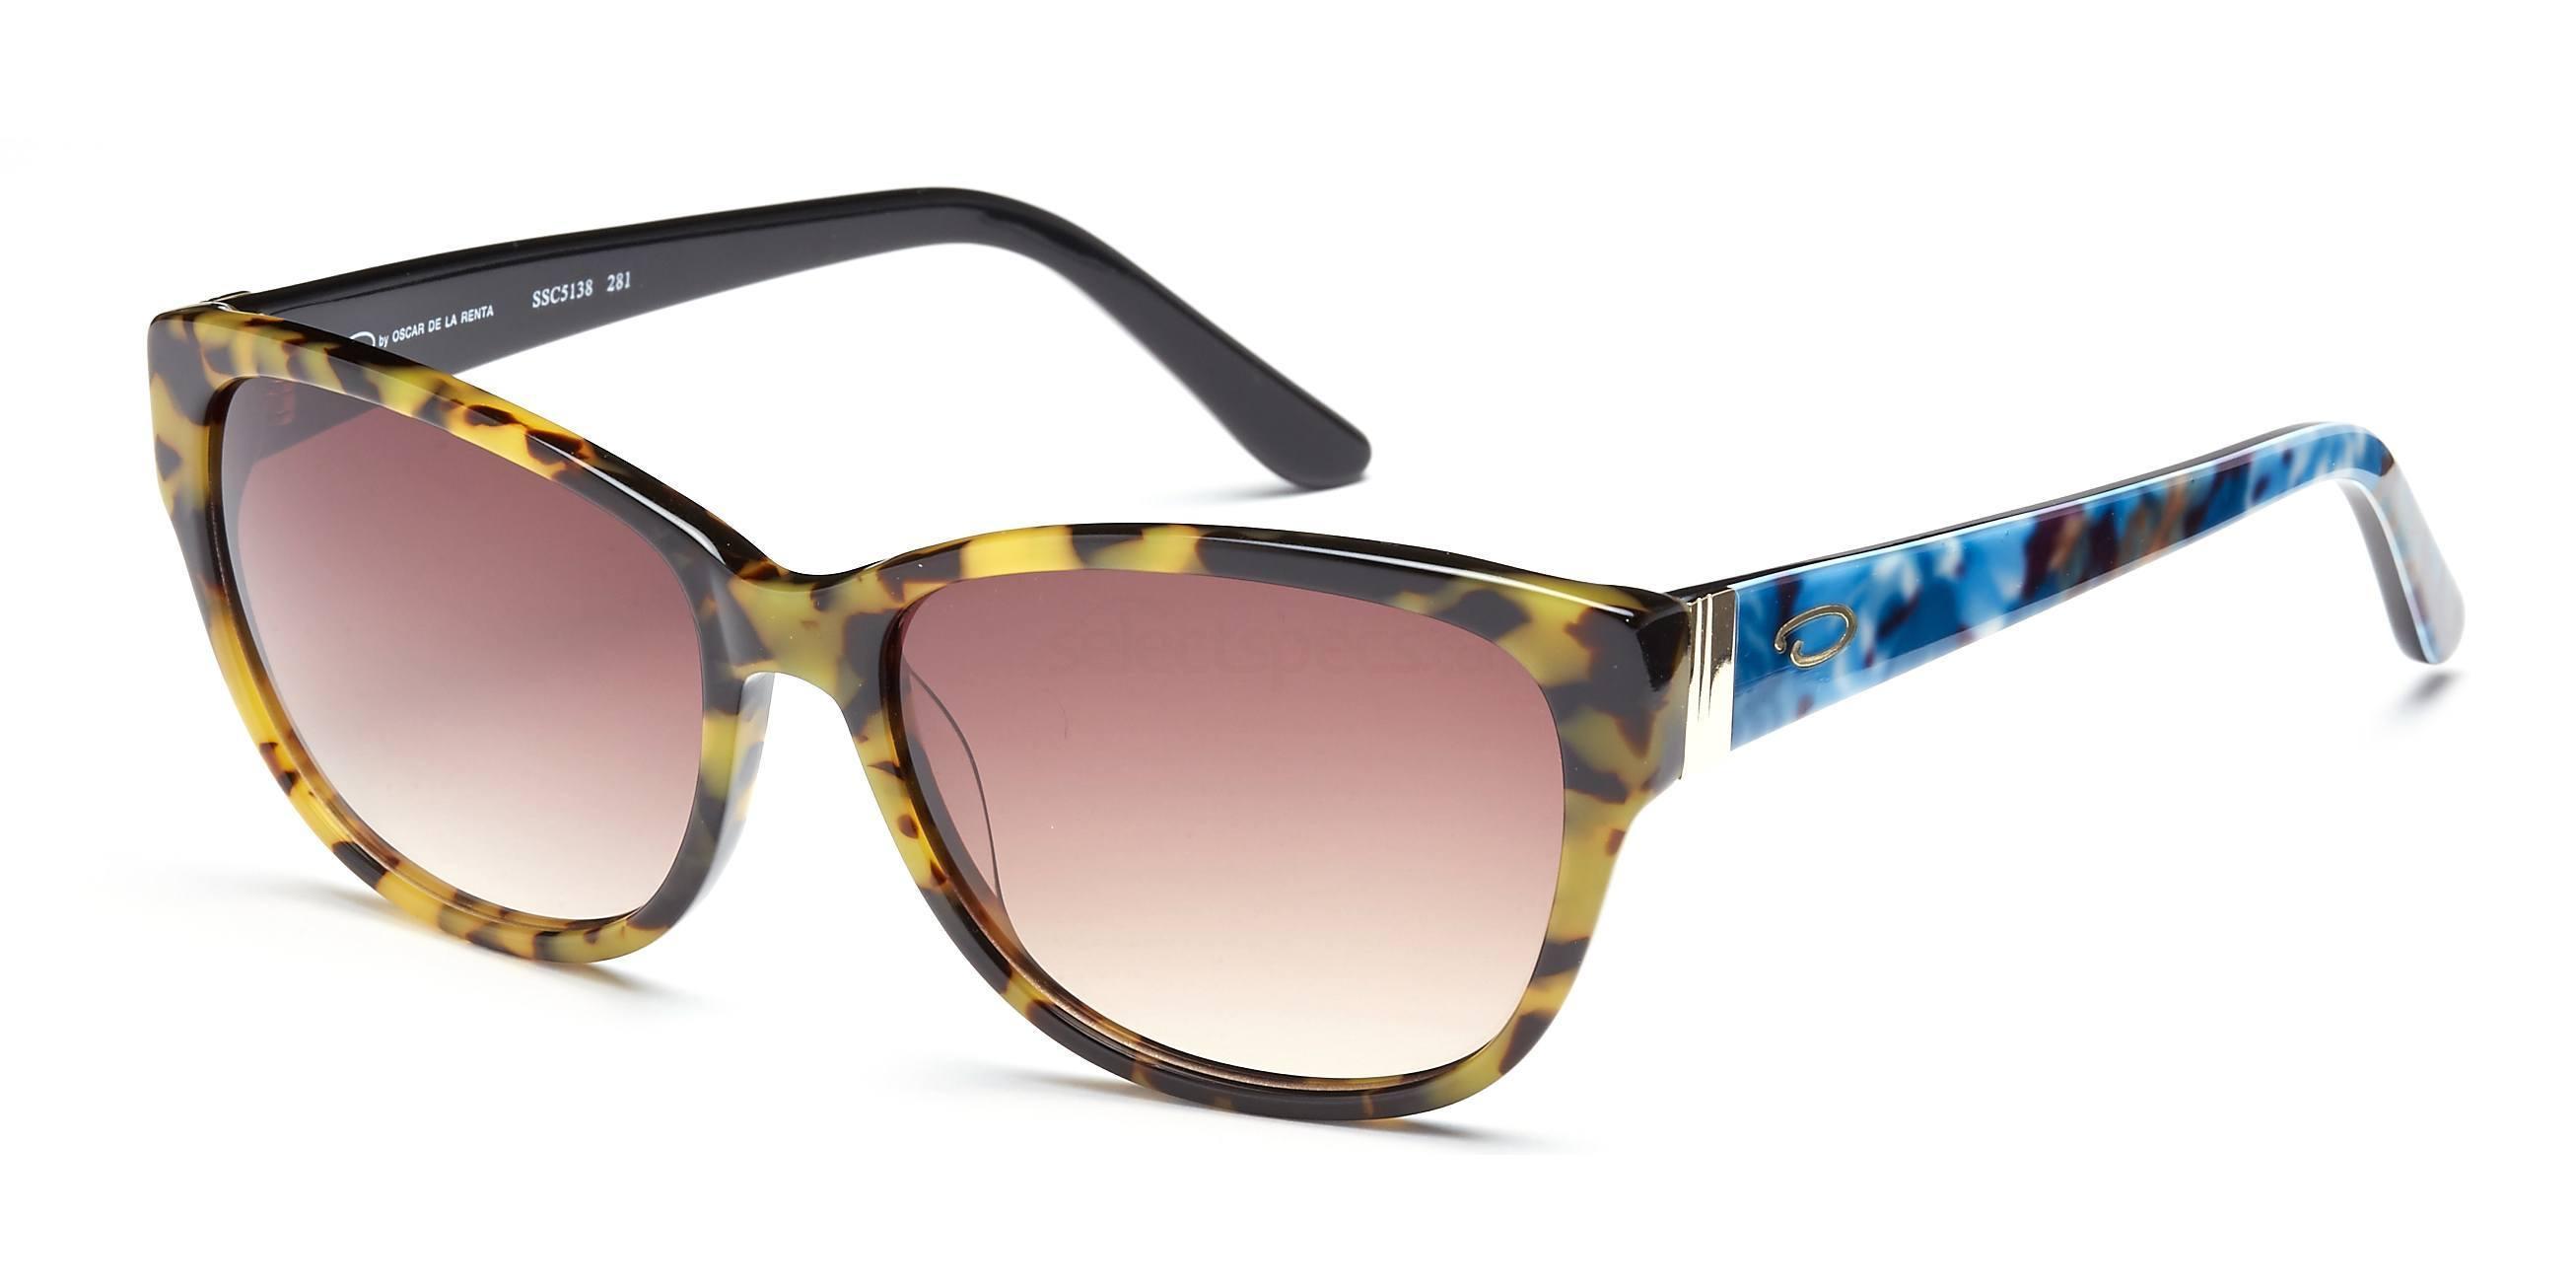 C1 SSC5138 Sunglasses, Oscar De La Renta